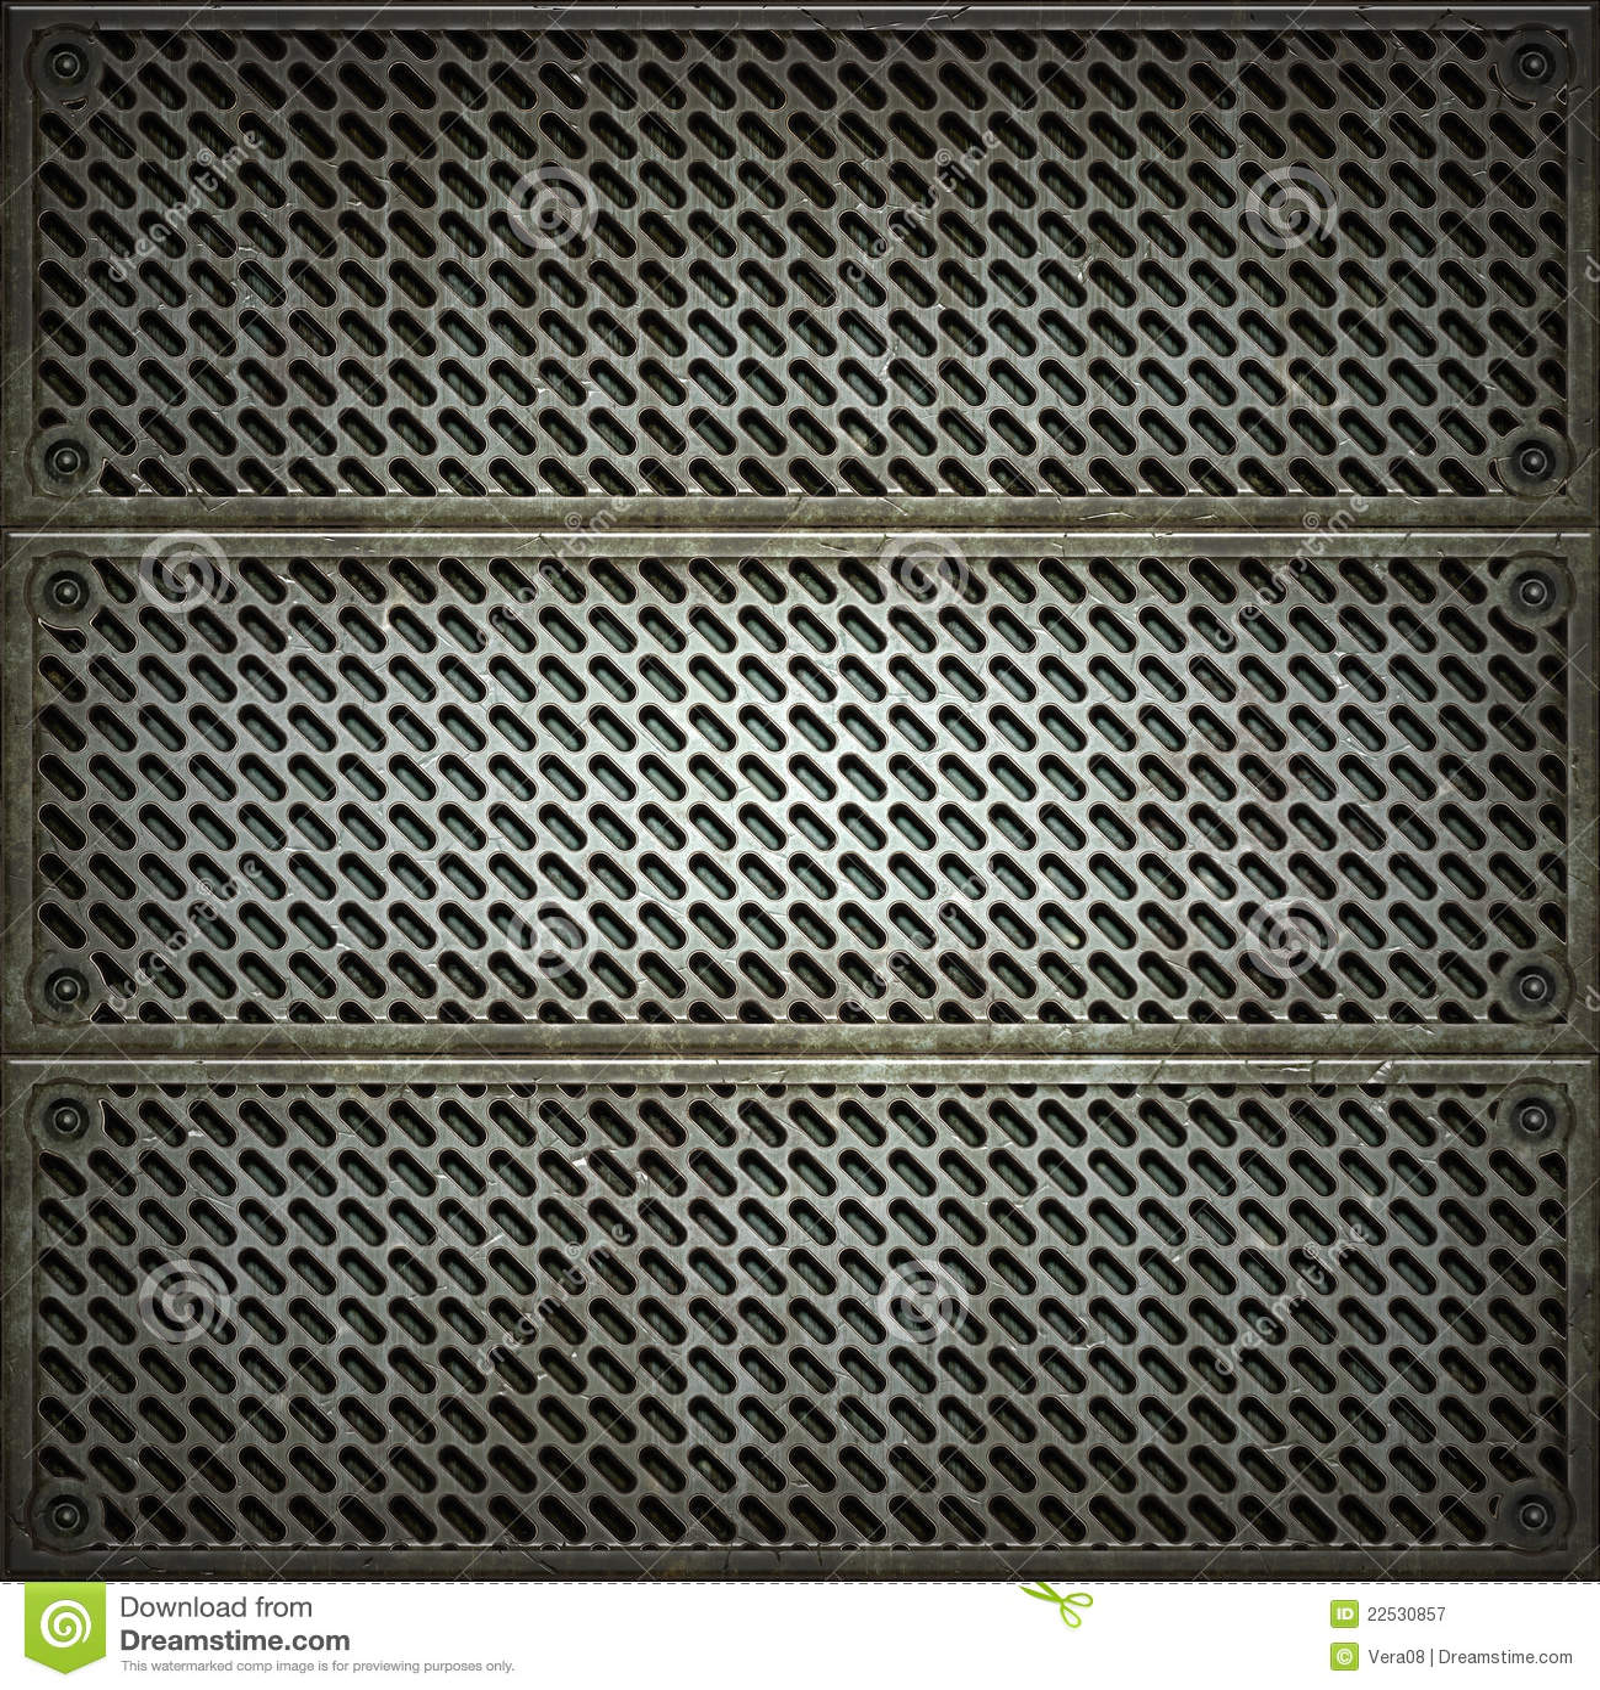 Gitter. Beschaffenheit des Metalls